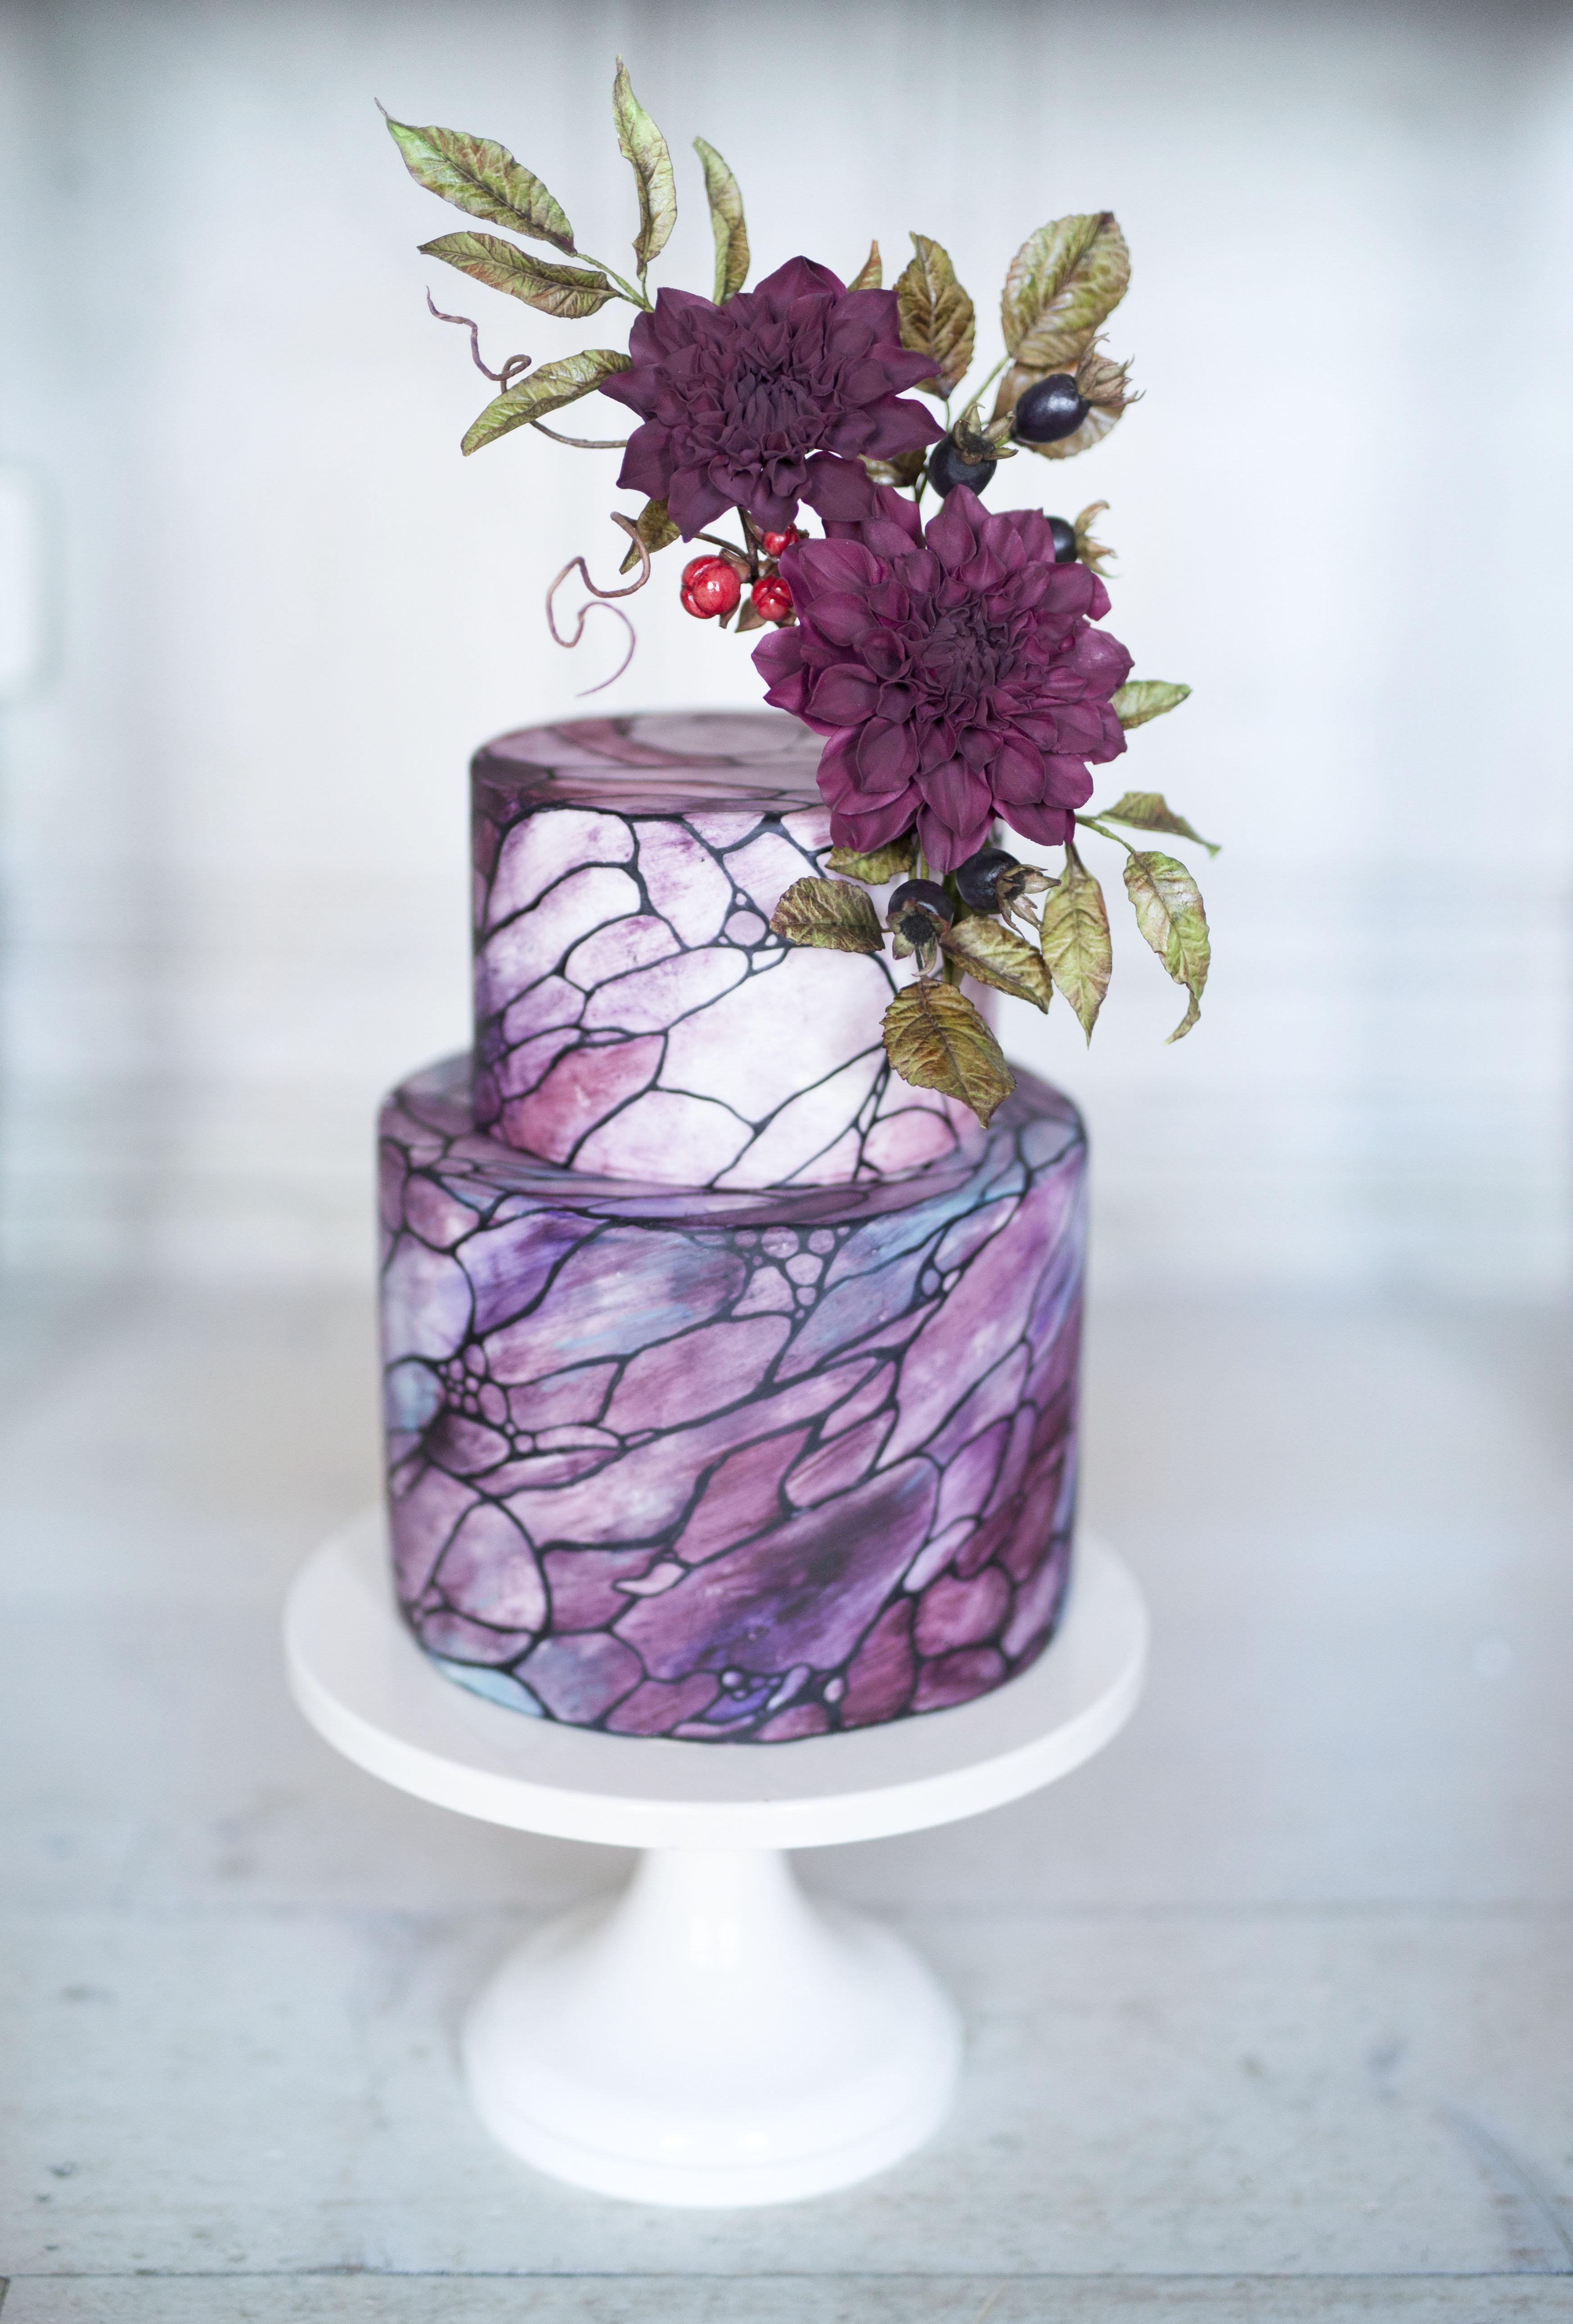 Liv Sandberg cake Art